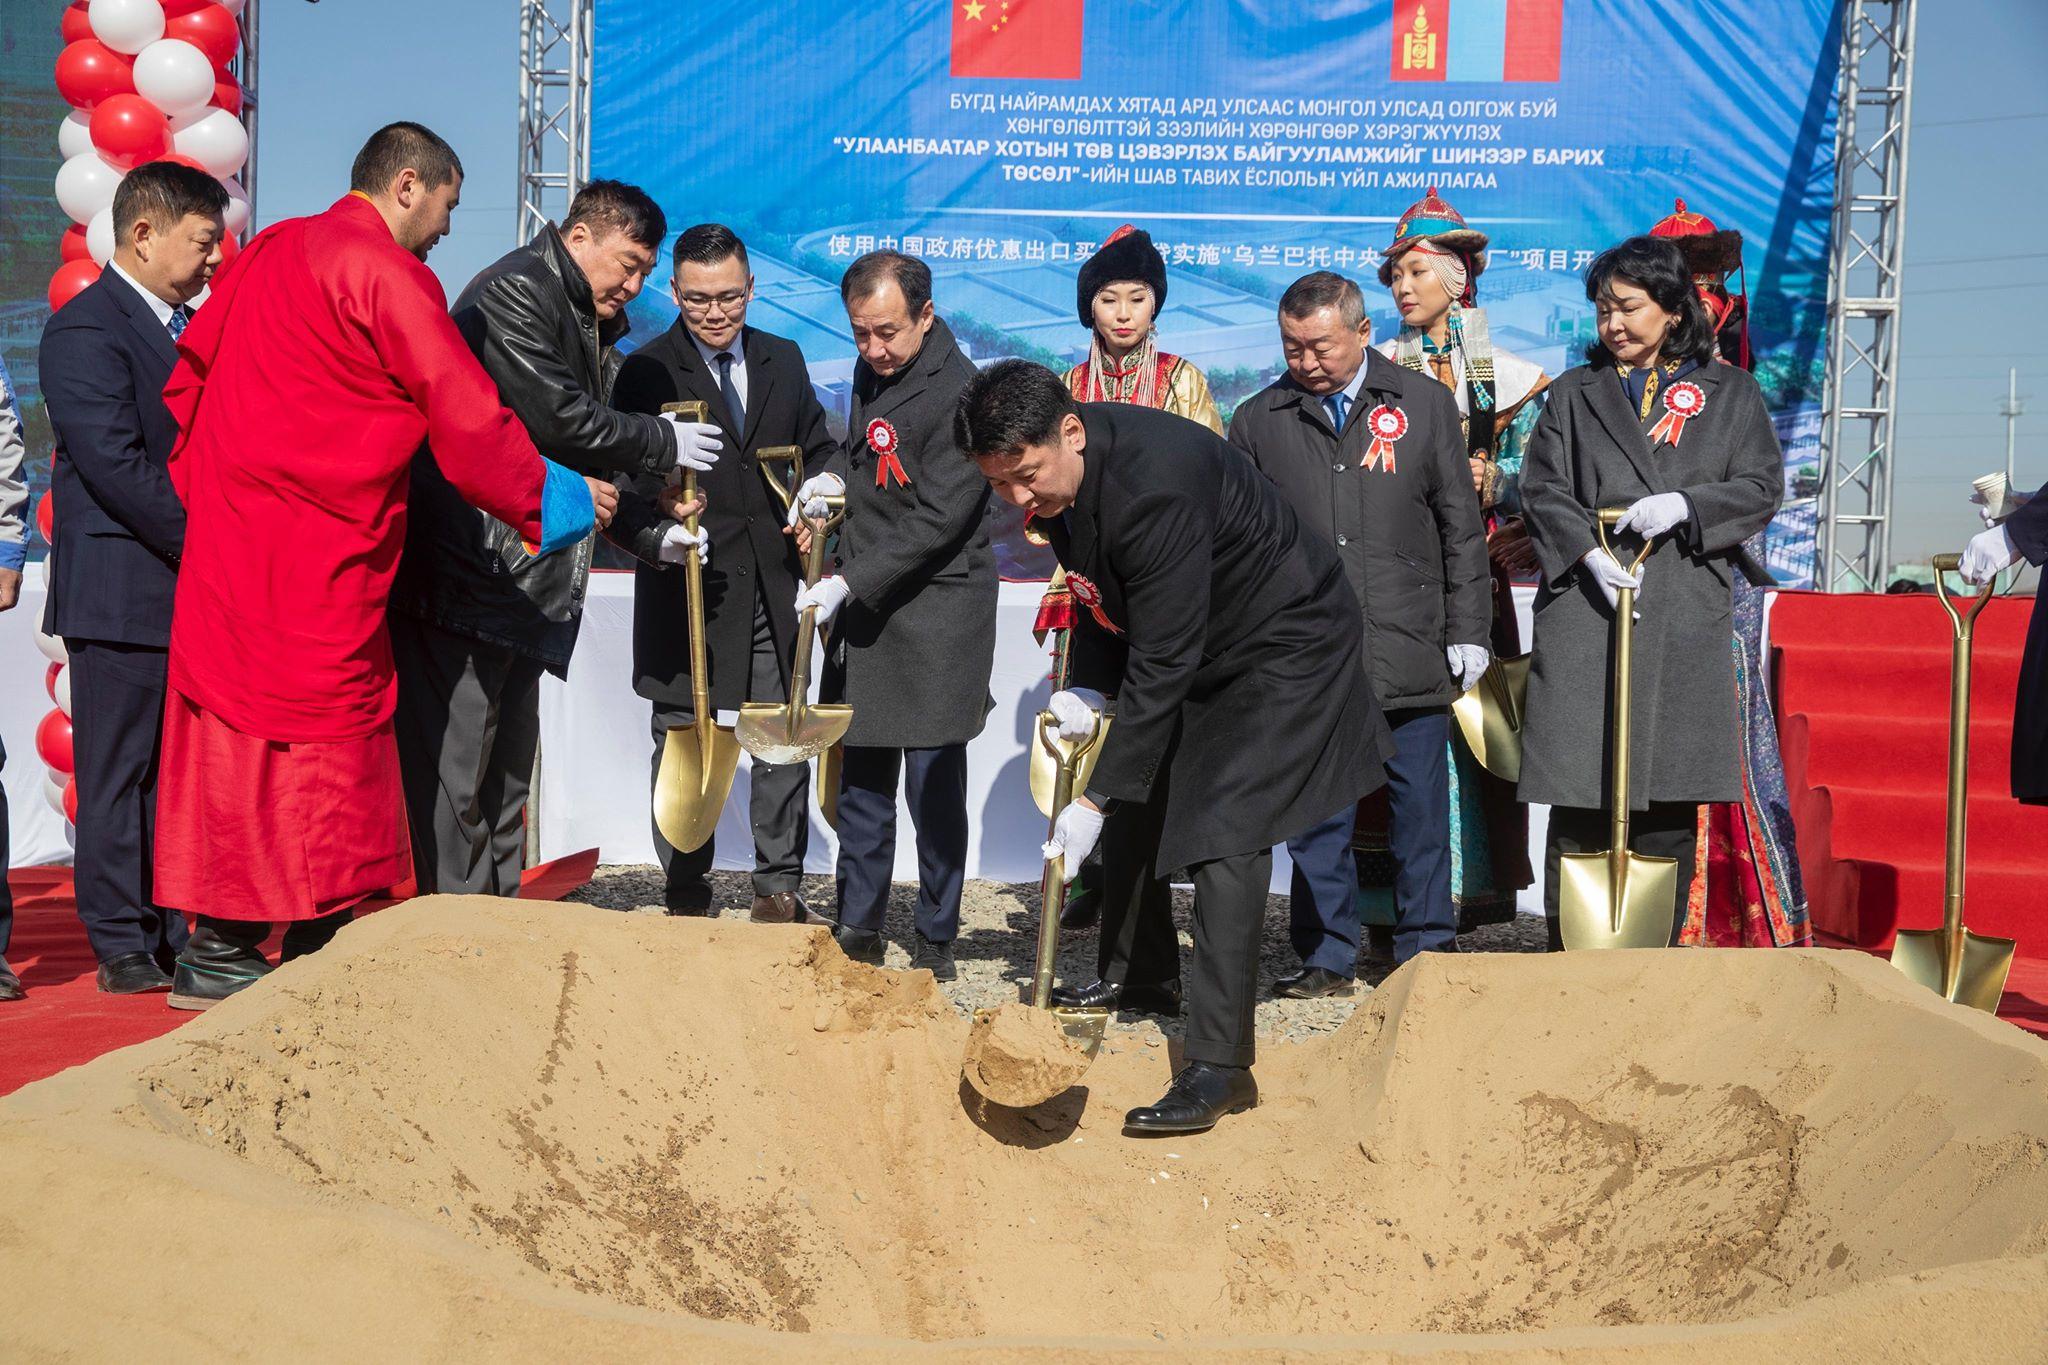 38fd88664fbde3714d5d493125c29c68 Улаанбаатар хотын шинэ төв цэвэрлэх байгууламжийн барилгын ажил эхэллээ